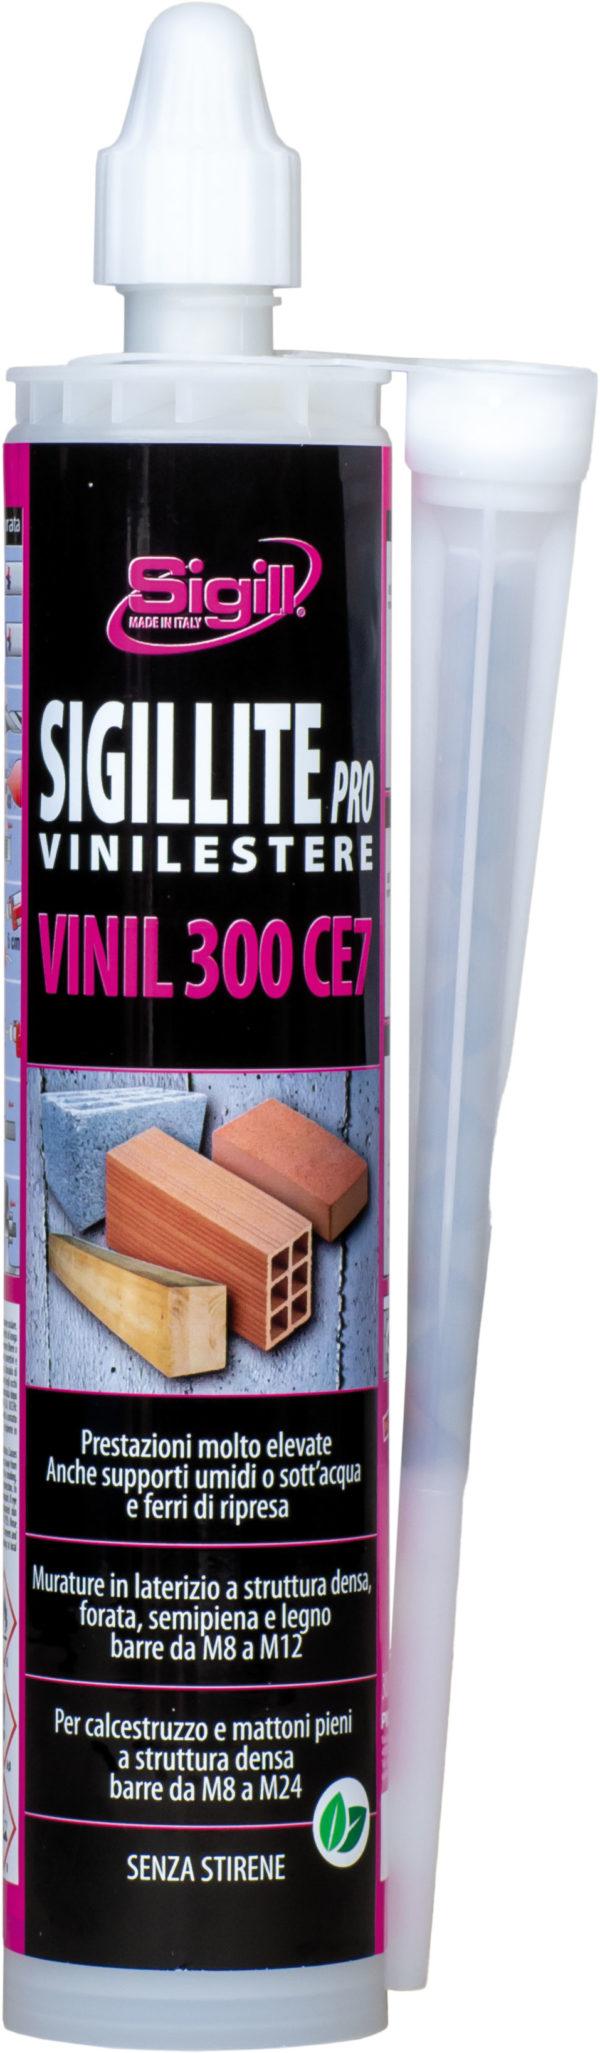 silicone sigillante vinil